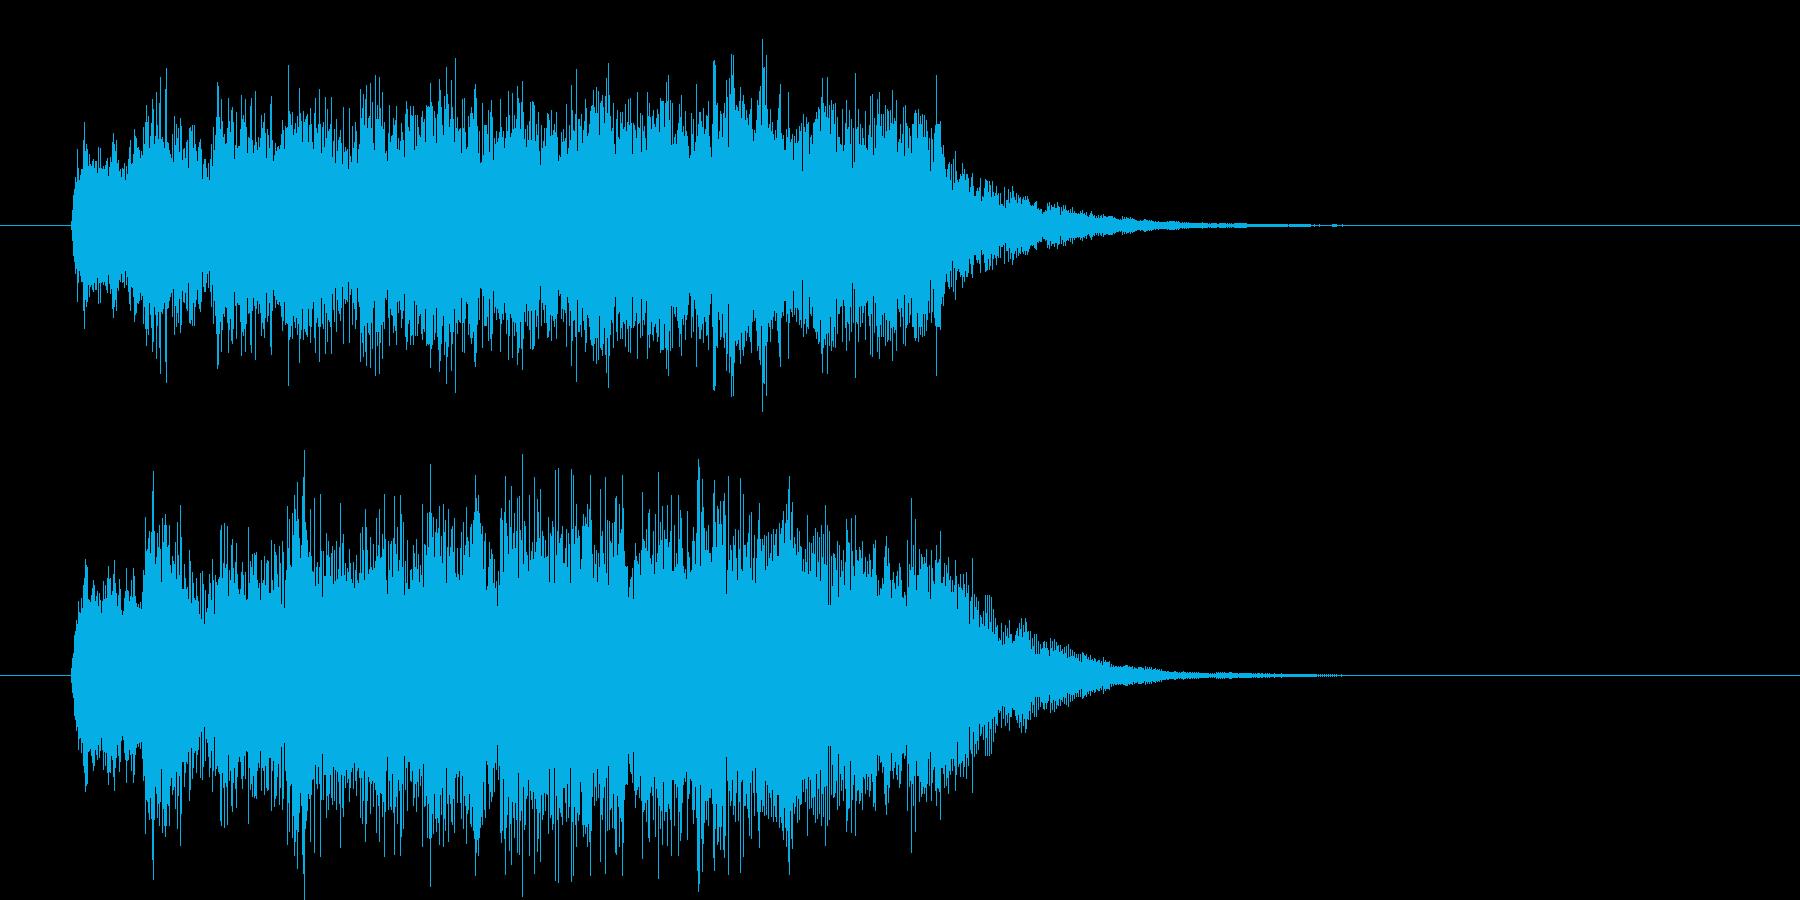 オーケストラのジングル 勝利!の再生済みの波形